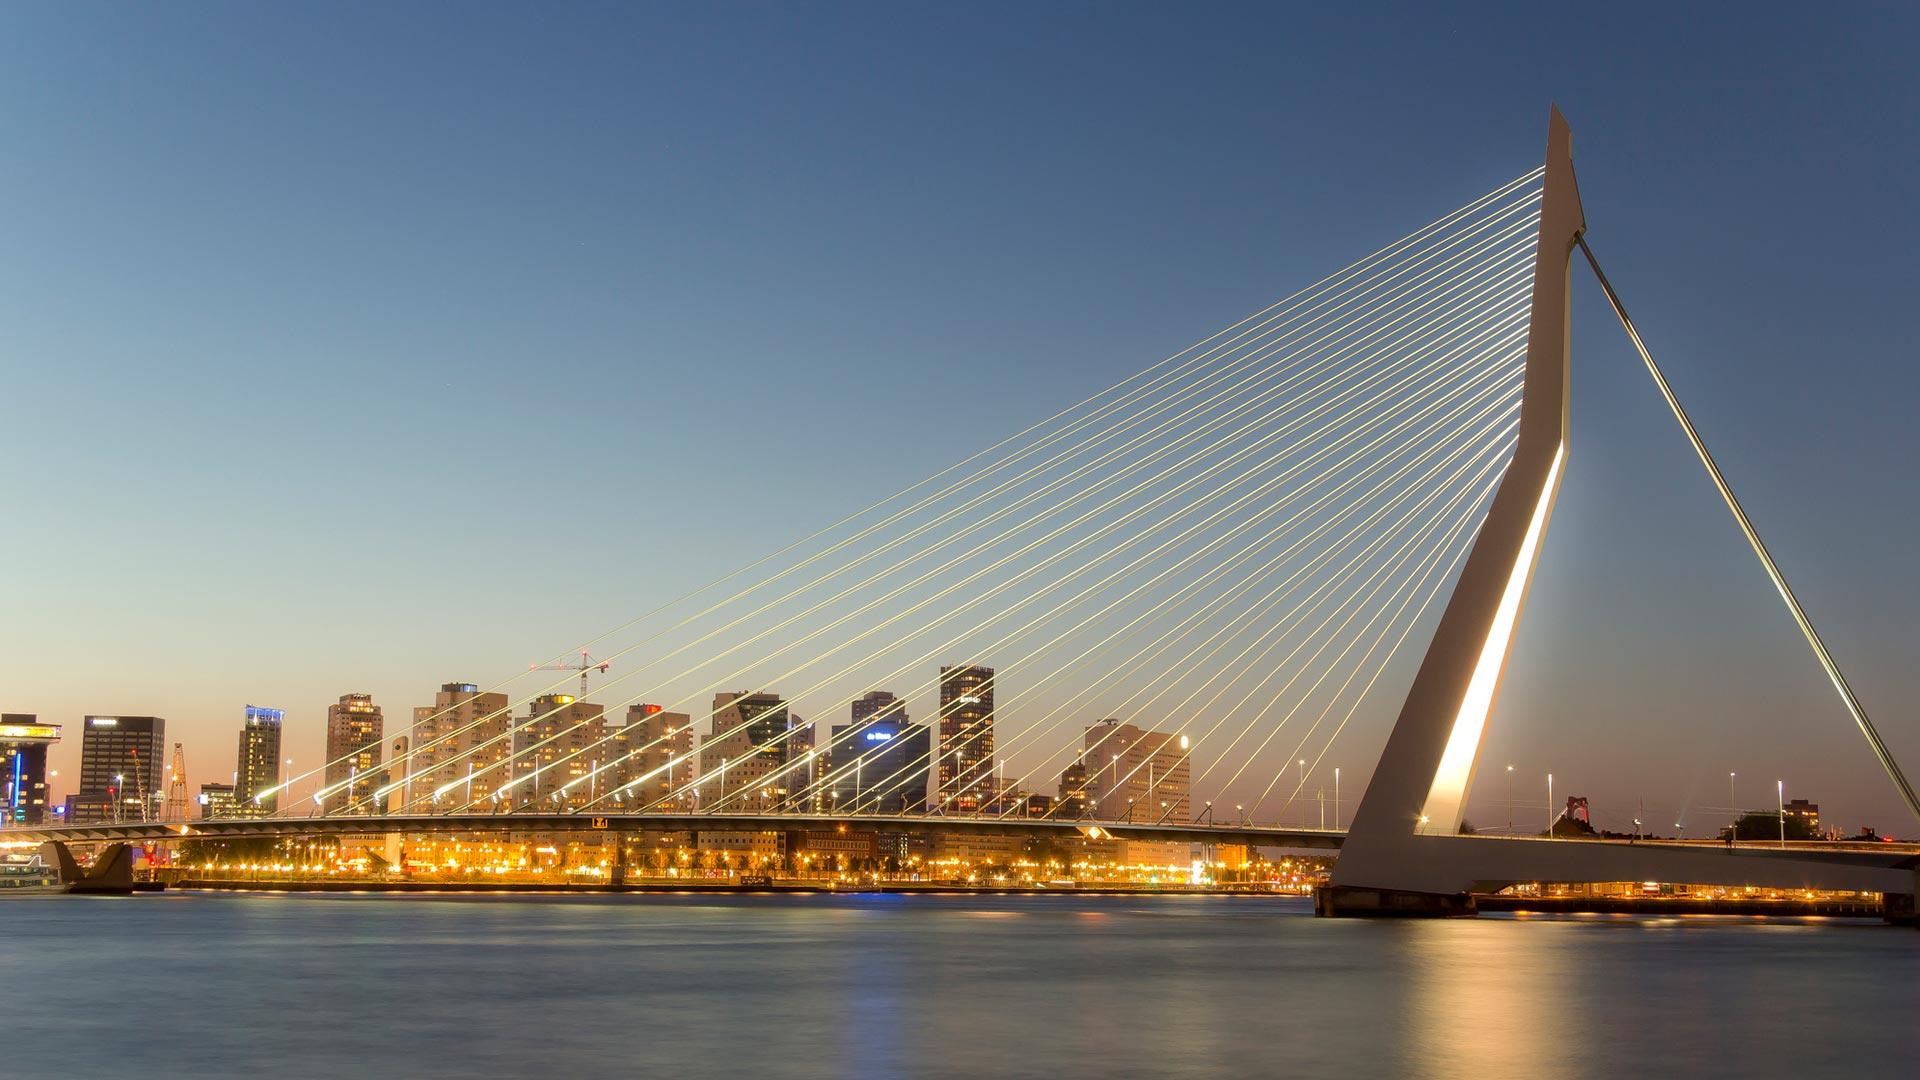 netherlands rottenberg Erasmusbrug Bridge